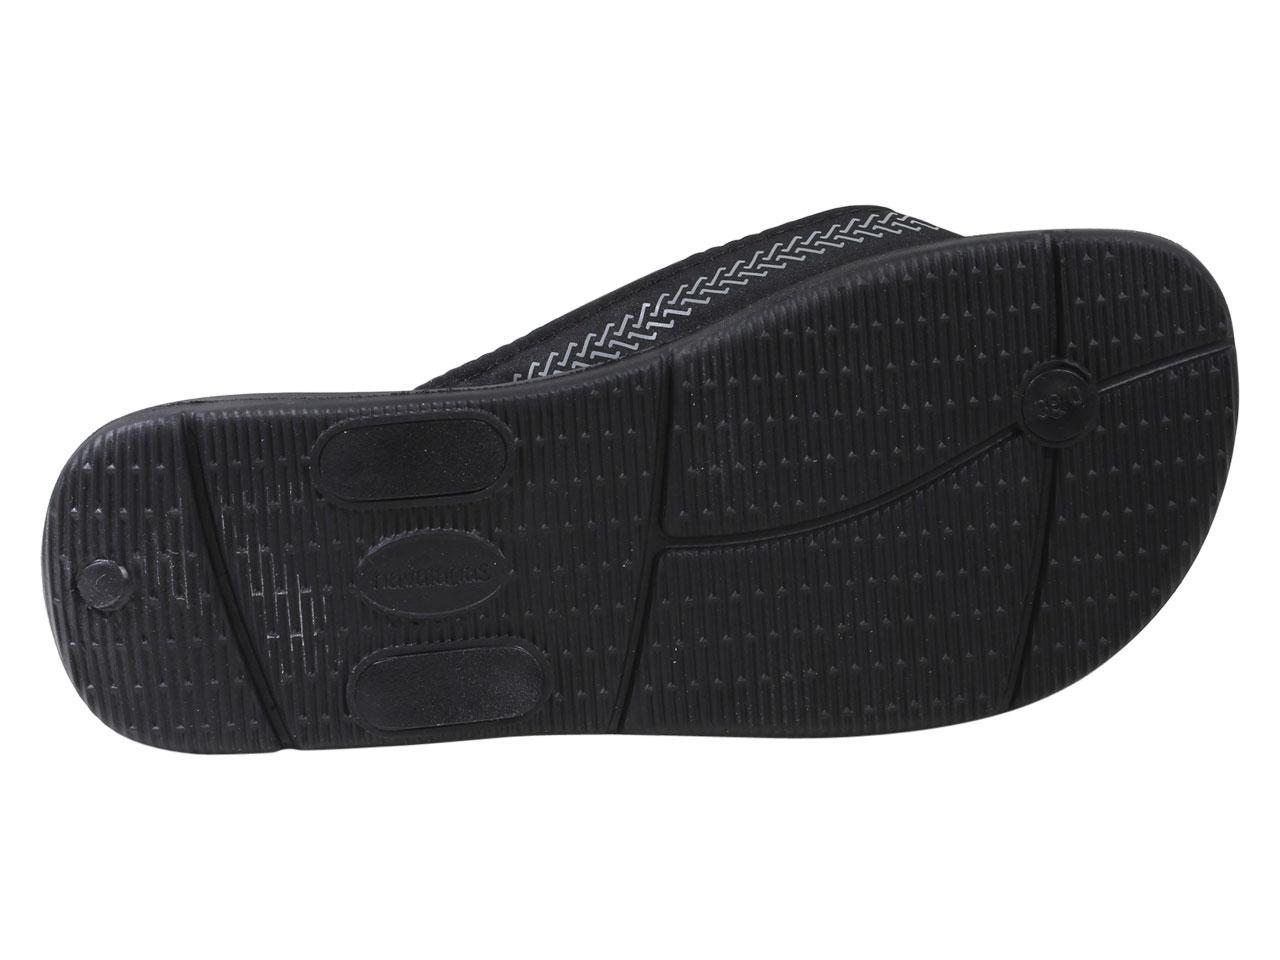 Havaianas-Men-039-s-Surf-Pro-Flip-Flops-Sandals-Shoes miniature 13